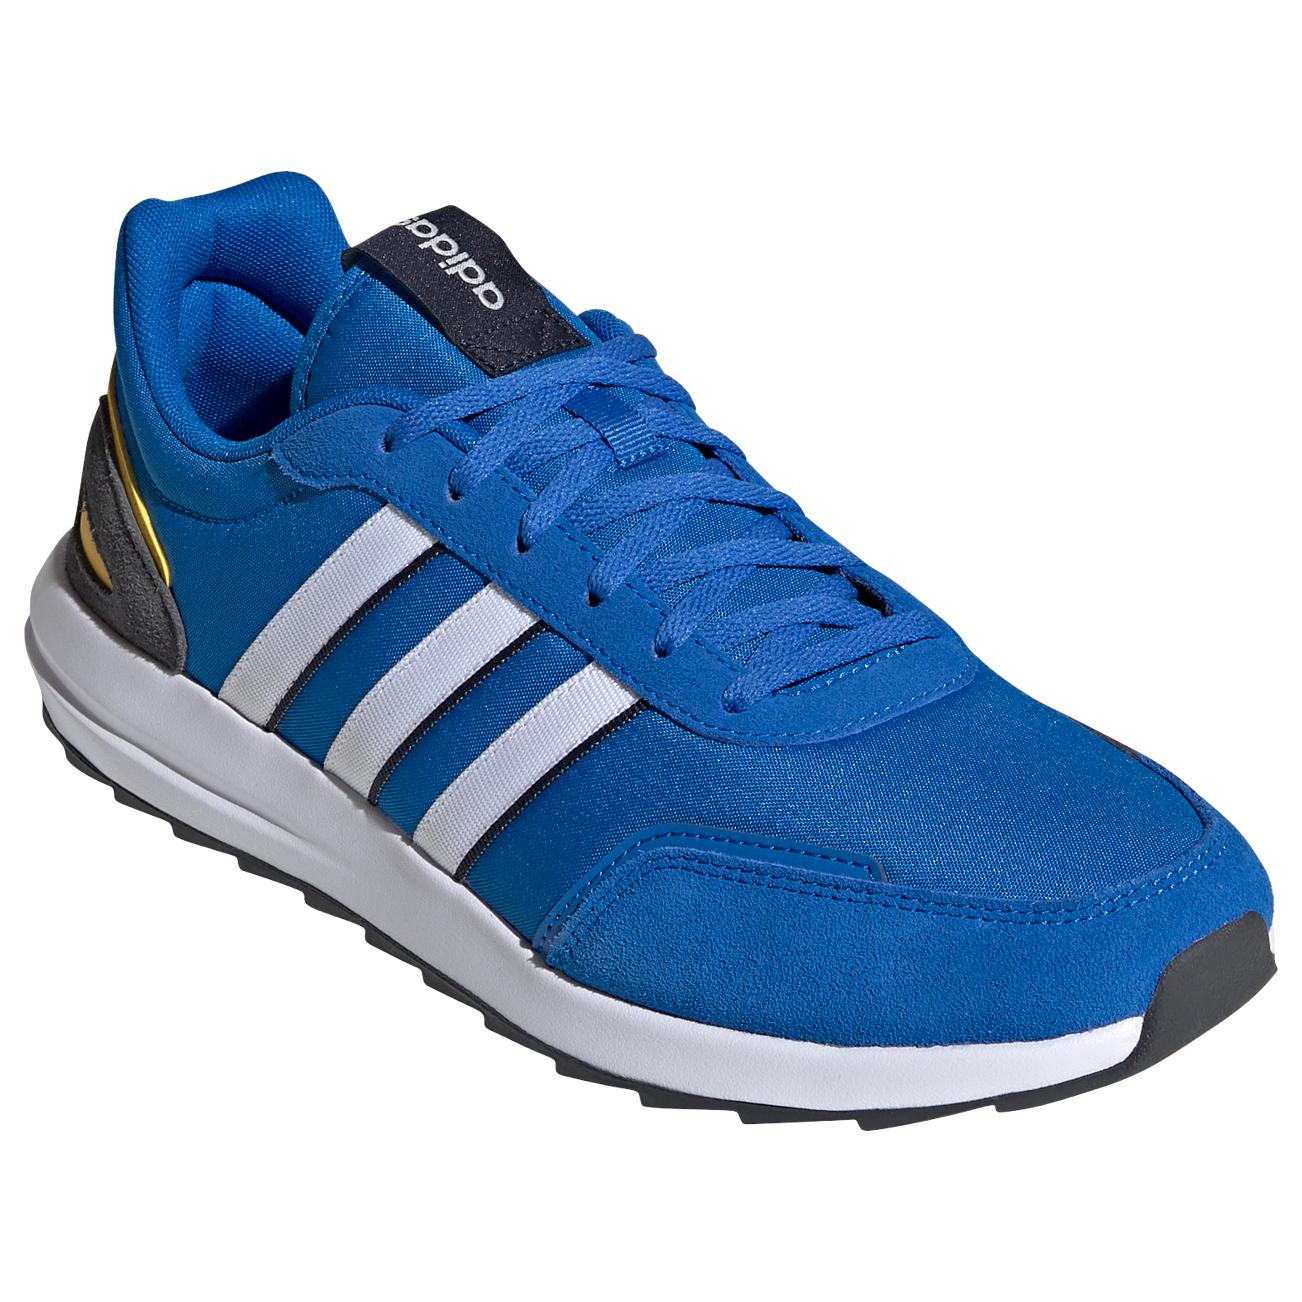 Adviento frutas paralelo  Adidas Retrorunner - Sneakers Men's | Free EU Delivery | Bergfreunde.eu